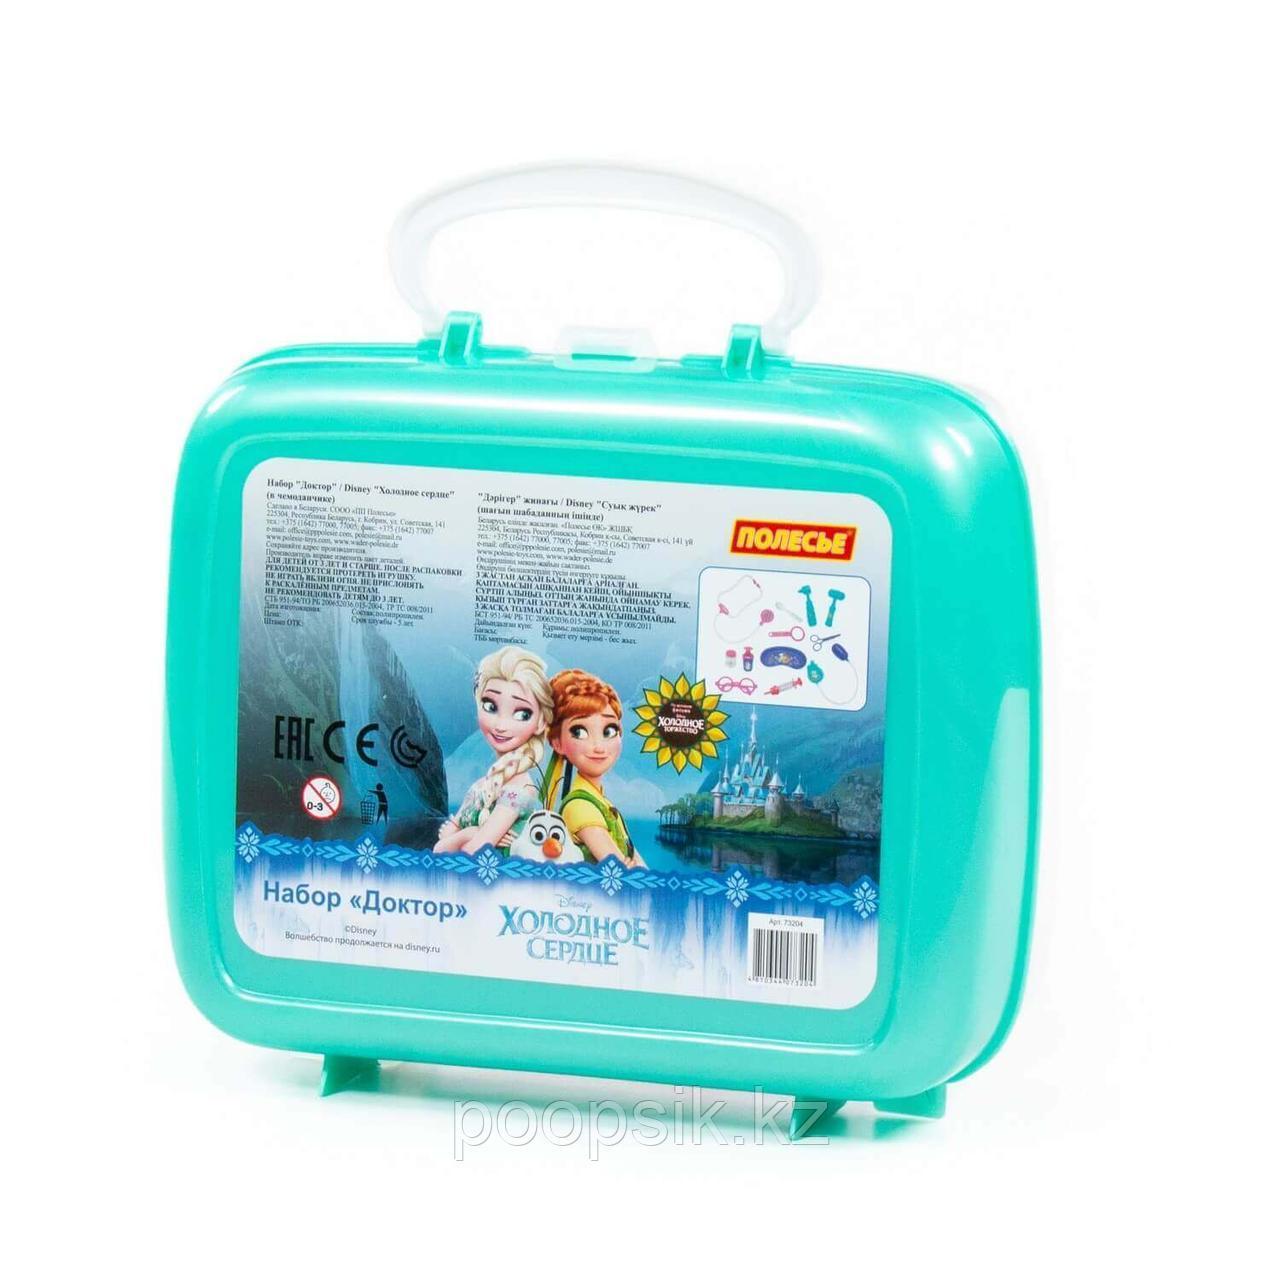 Игровой набор Доктор (Холодное сердце) в чемоданчике Полесье 73204 - фото 3